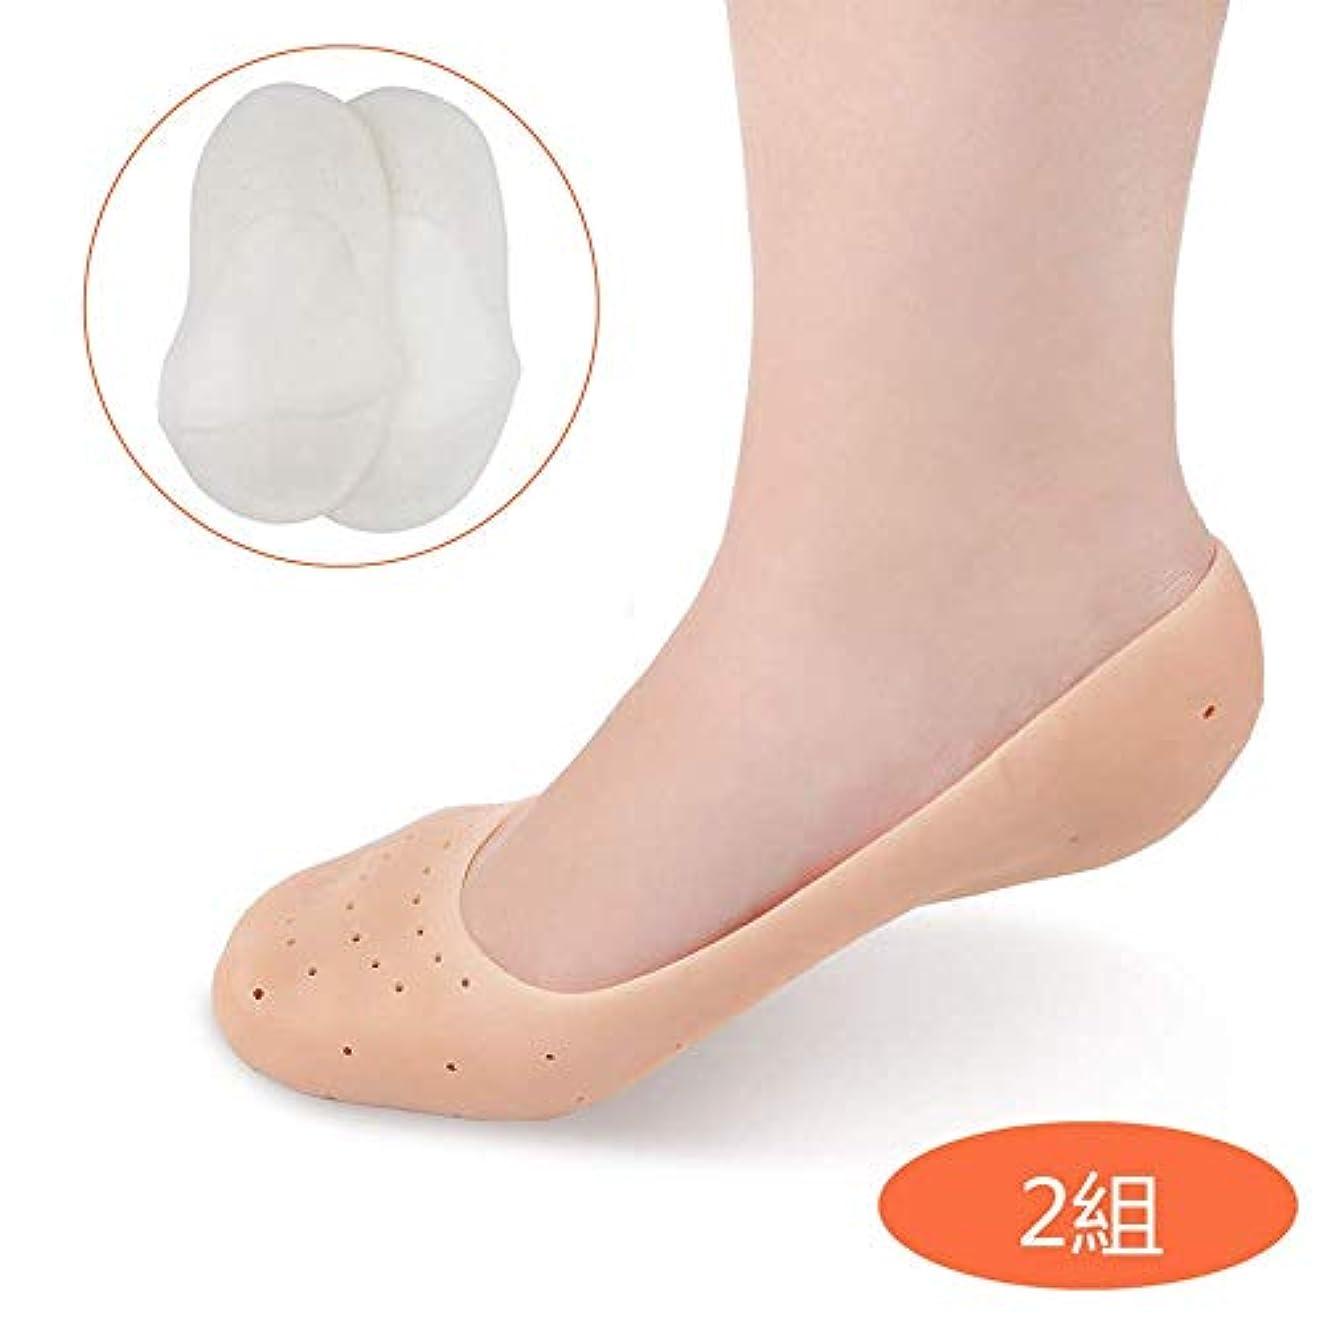 汚染する欺く変装シリコンソックス 靴下 かかとケア ヒールクラック防止 足ケア 保湿 角質ケア 皮膚保護 痛みの緩和 快適 通気性 男女兼用 (2組)